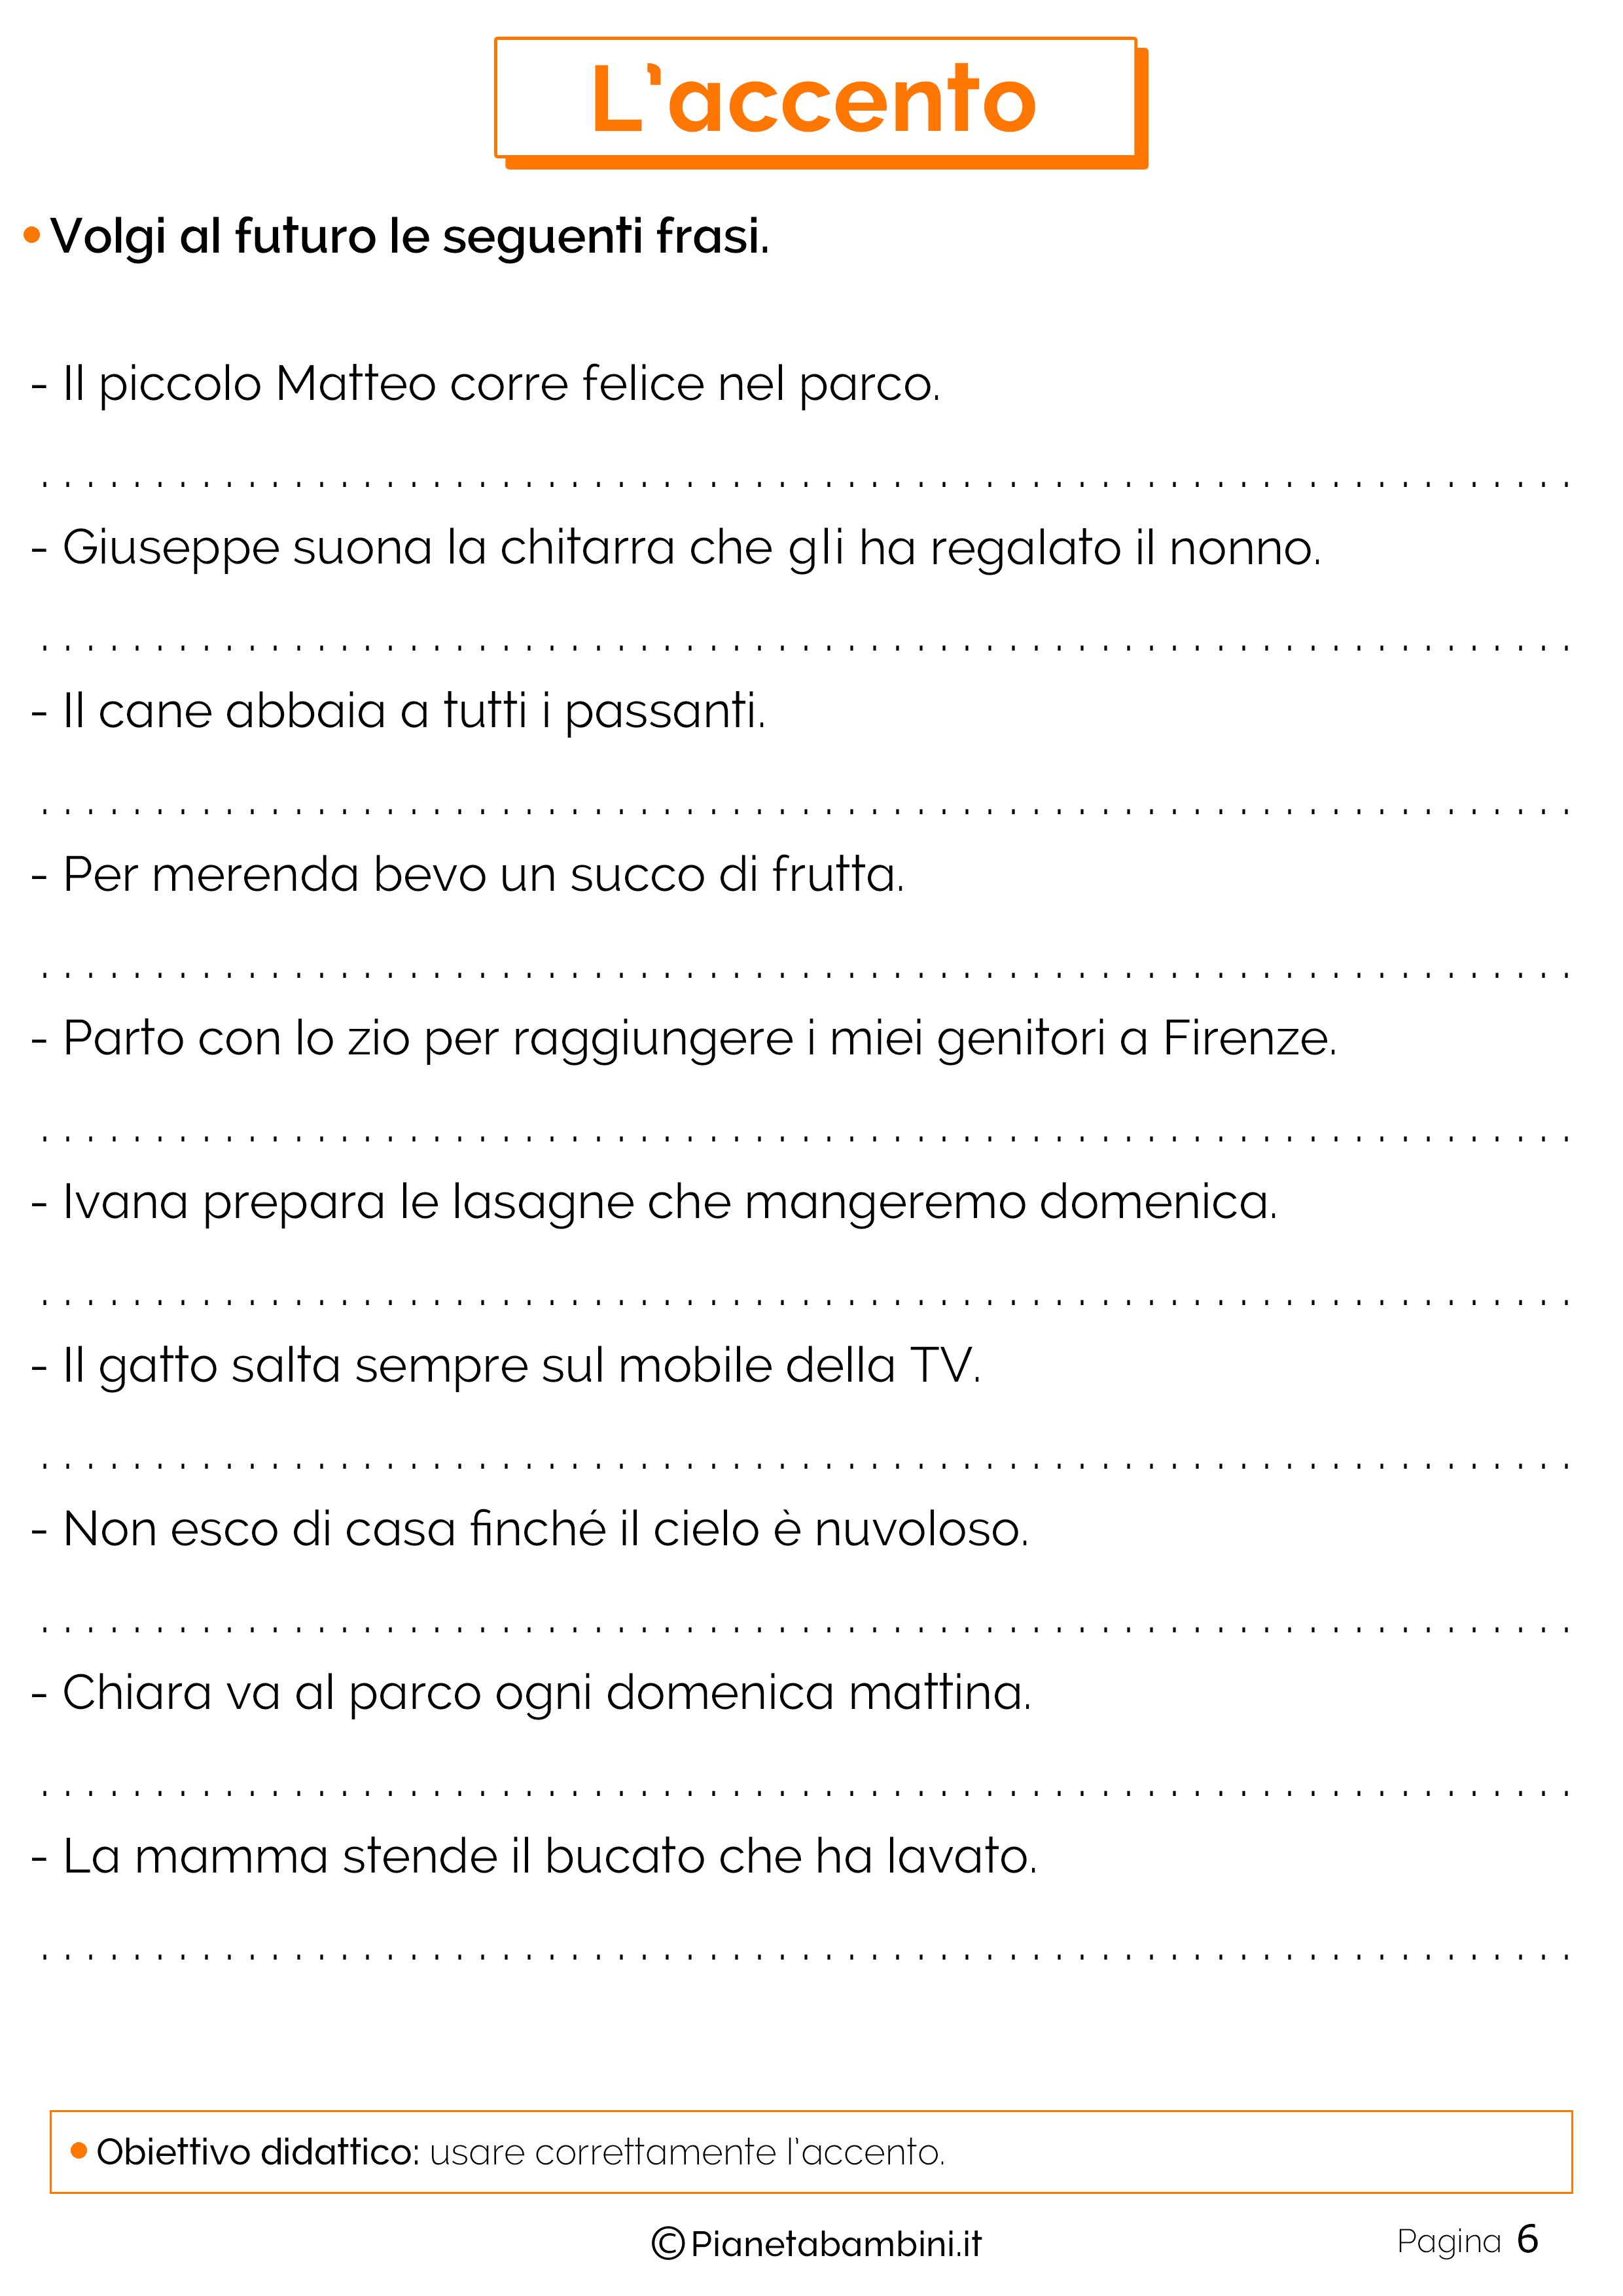 Esercizi sull'accento 6